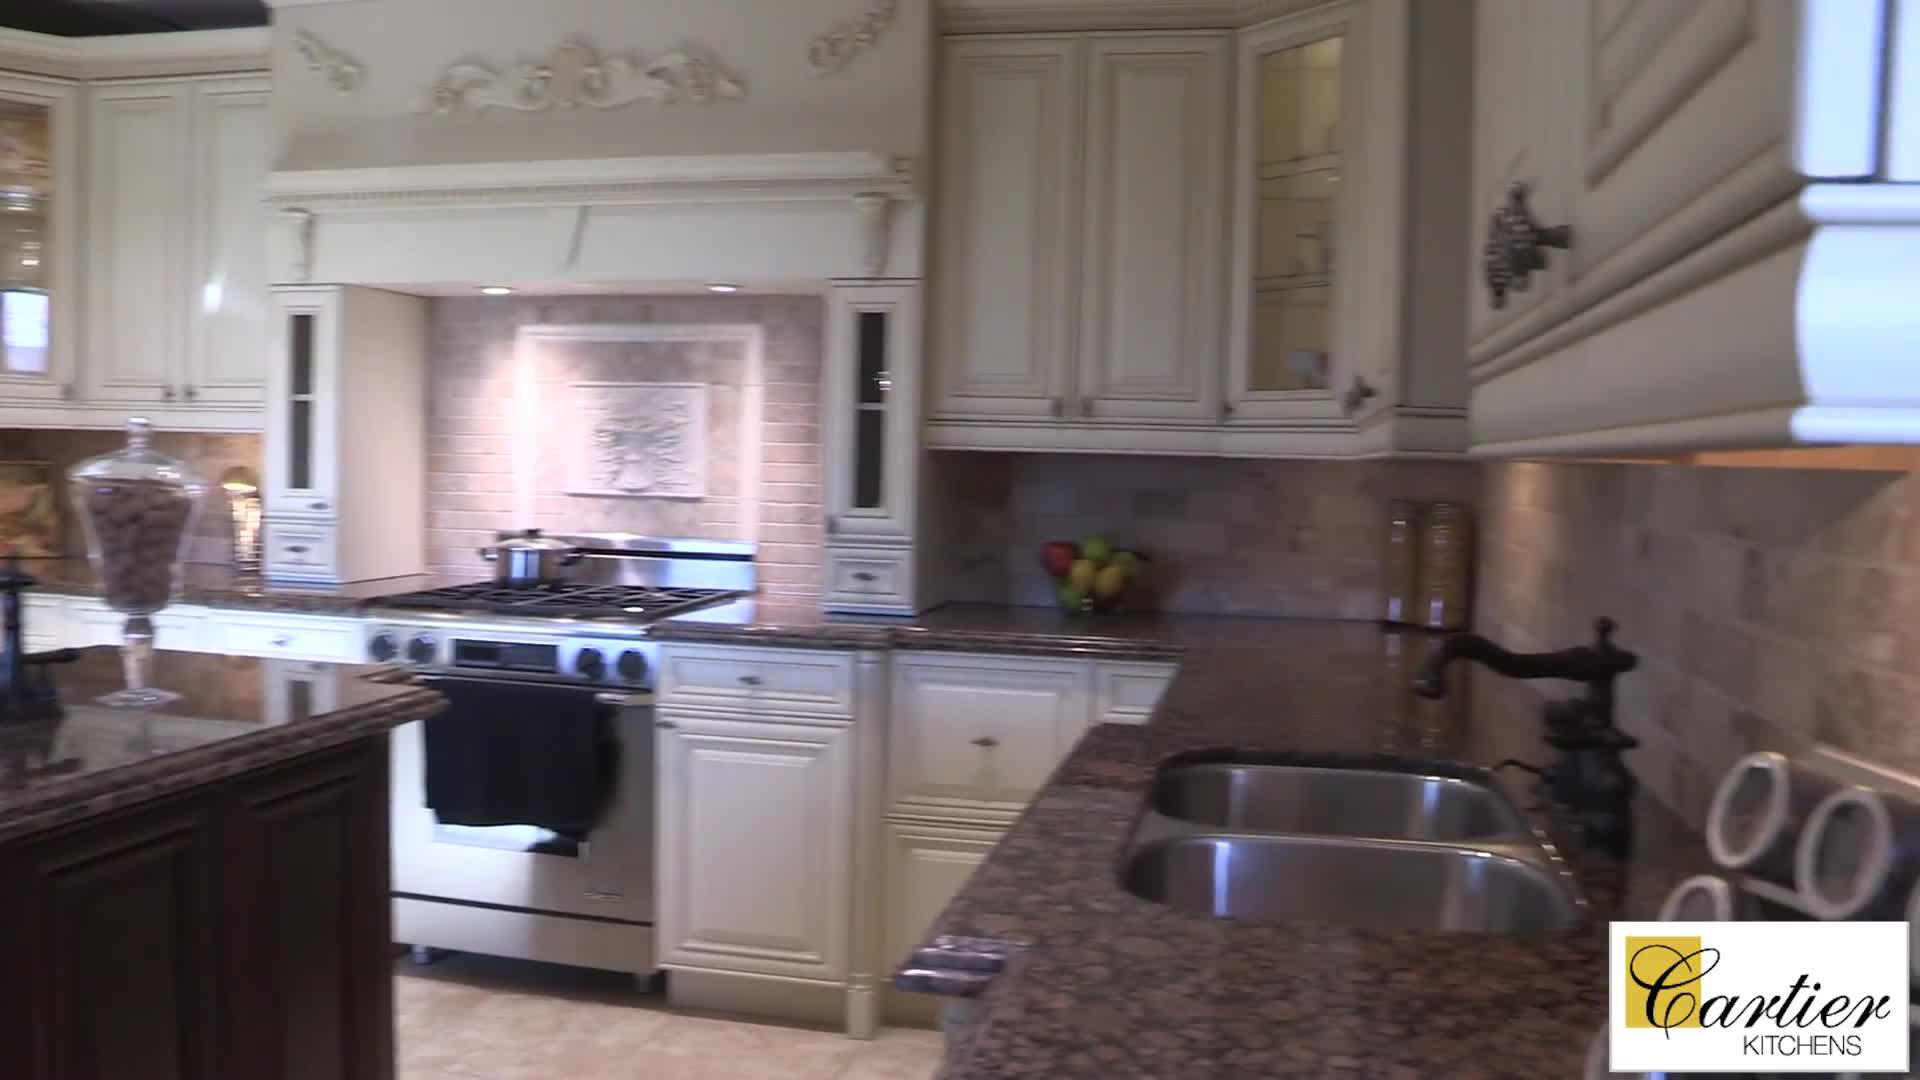 Cartier Kitchens & Baths - Kitchen Planning & Remodelling - 905-793-0063